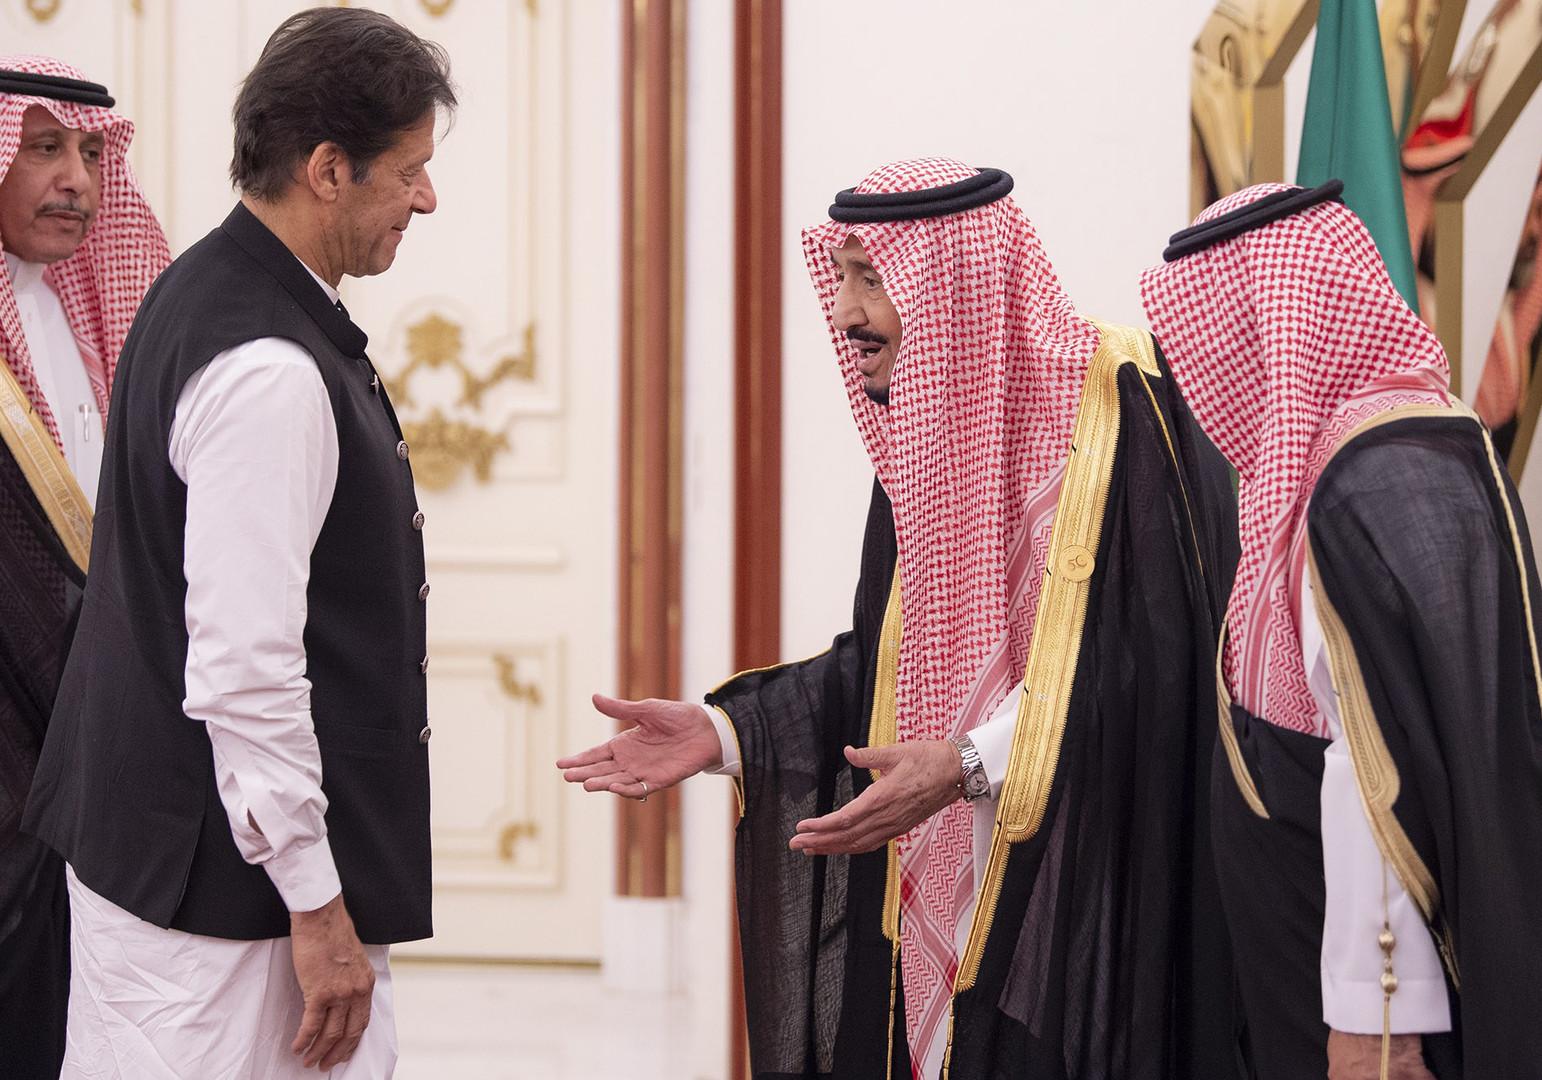 لماذا لم ينتظر عمران خان انتهاء ترجمة حديثه للعاهل السعودي؟